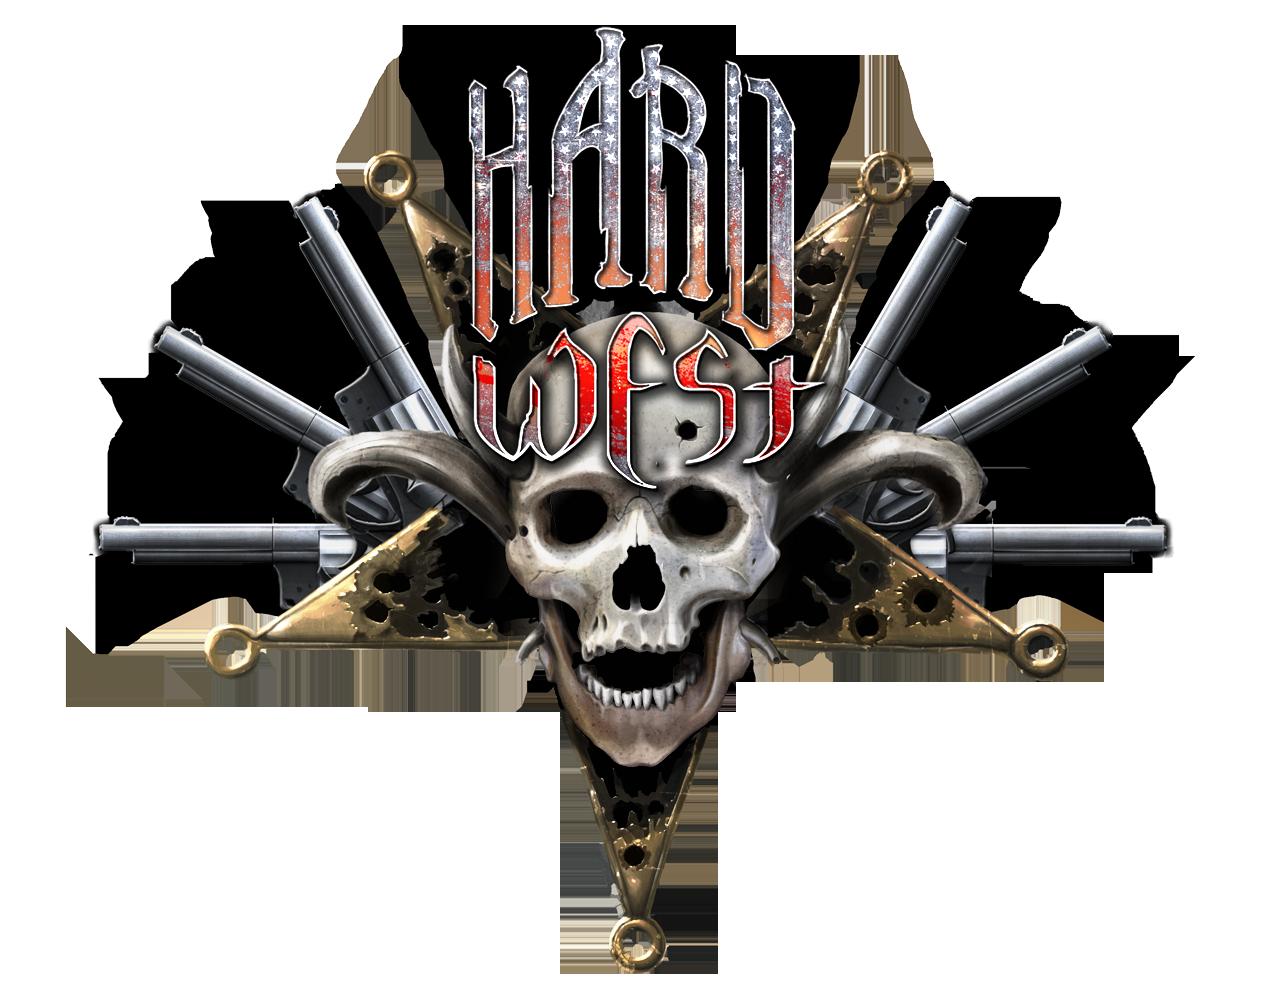 'XCOM' Meets The Wild West In 'Hard West'